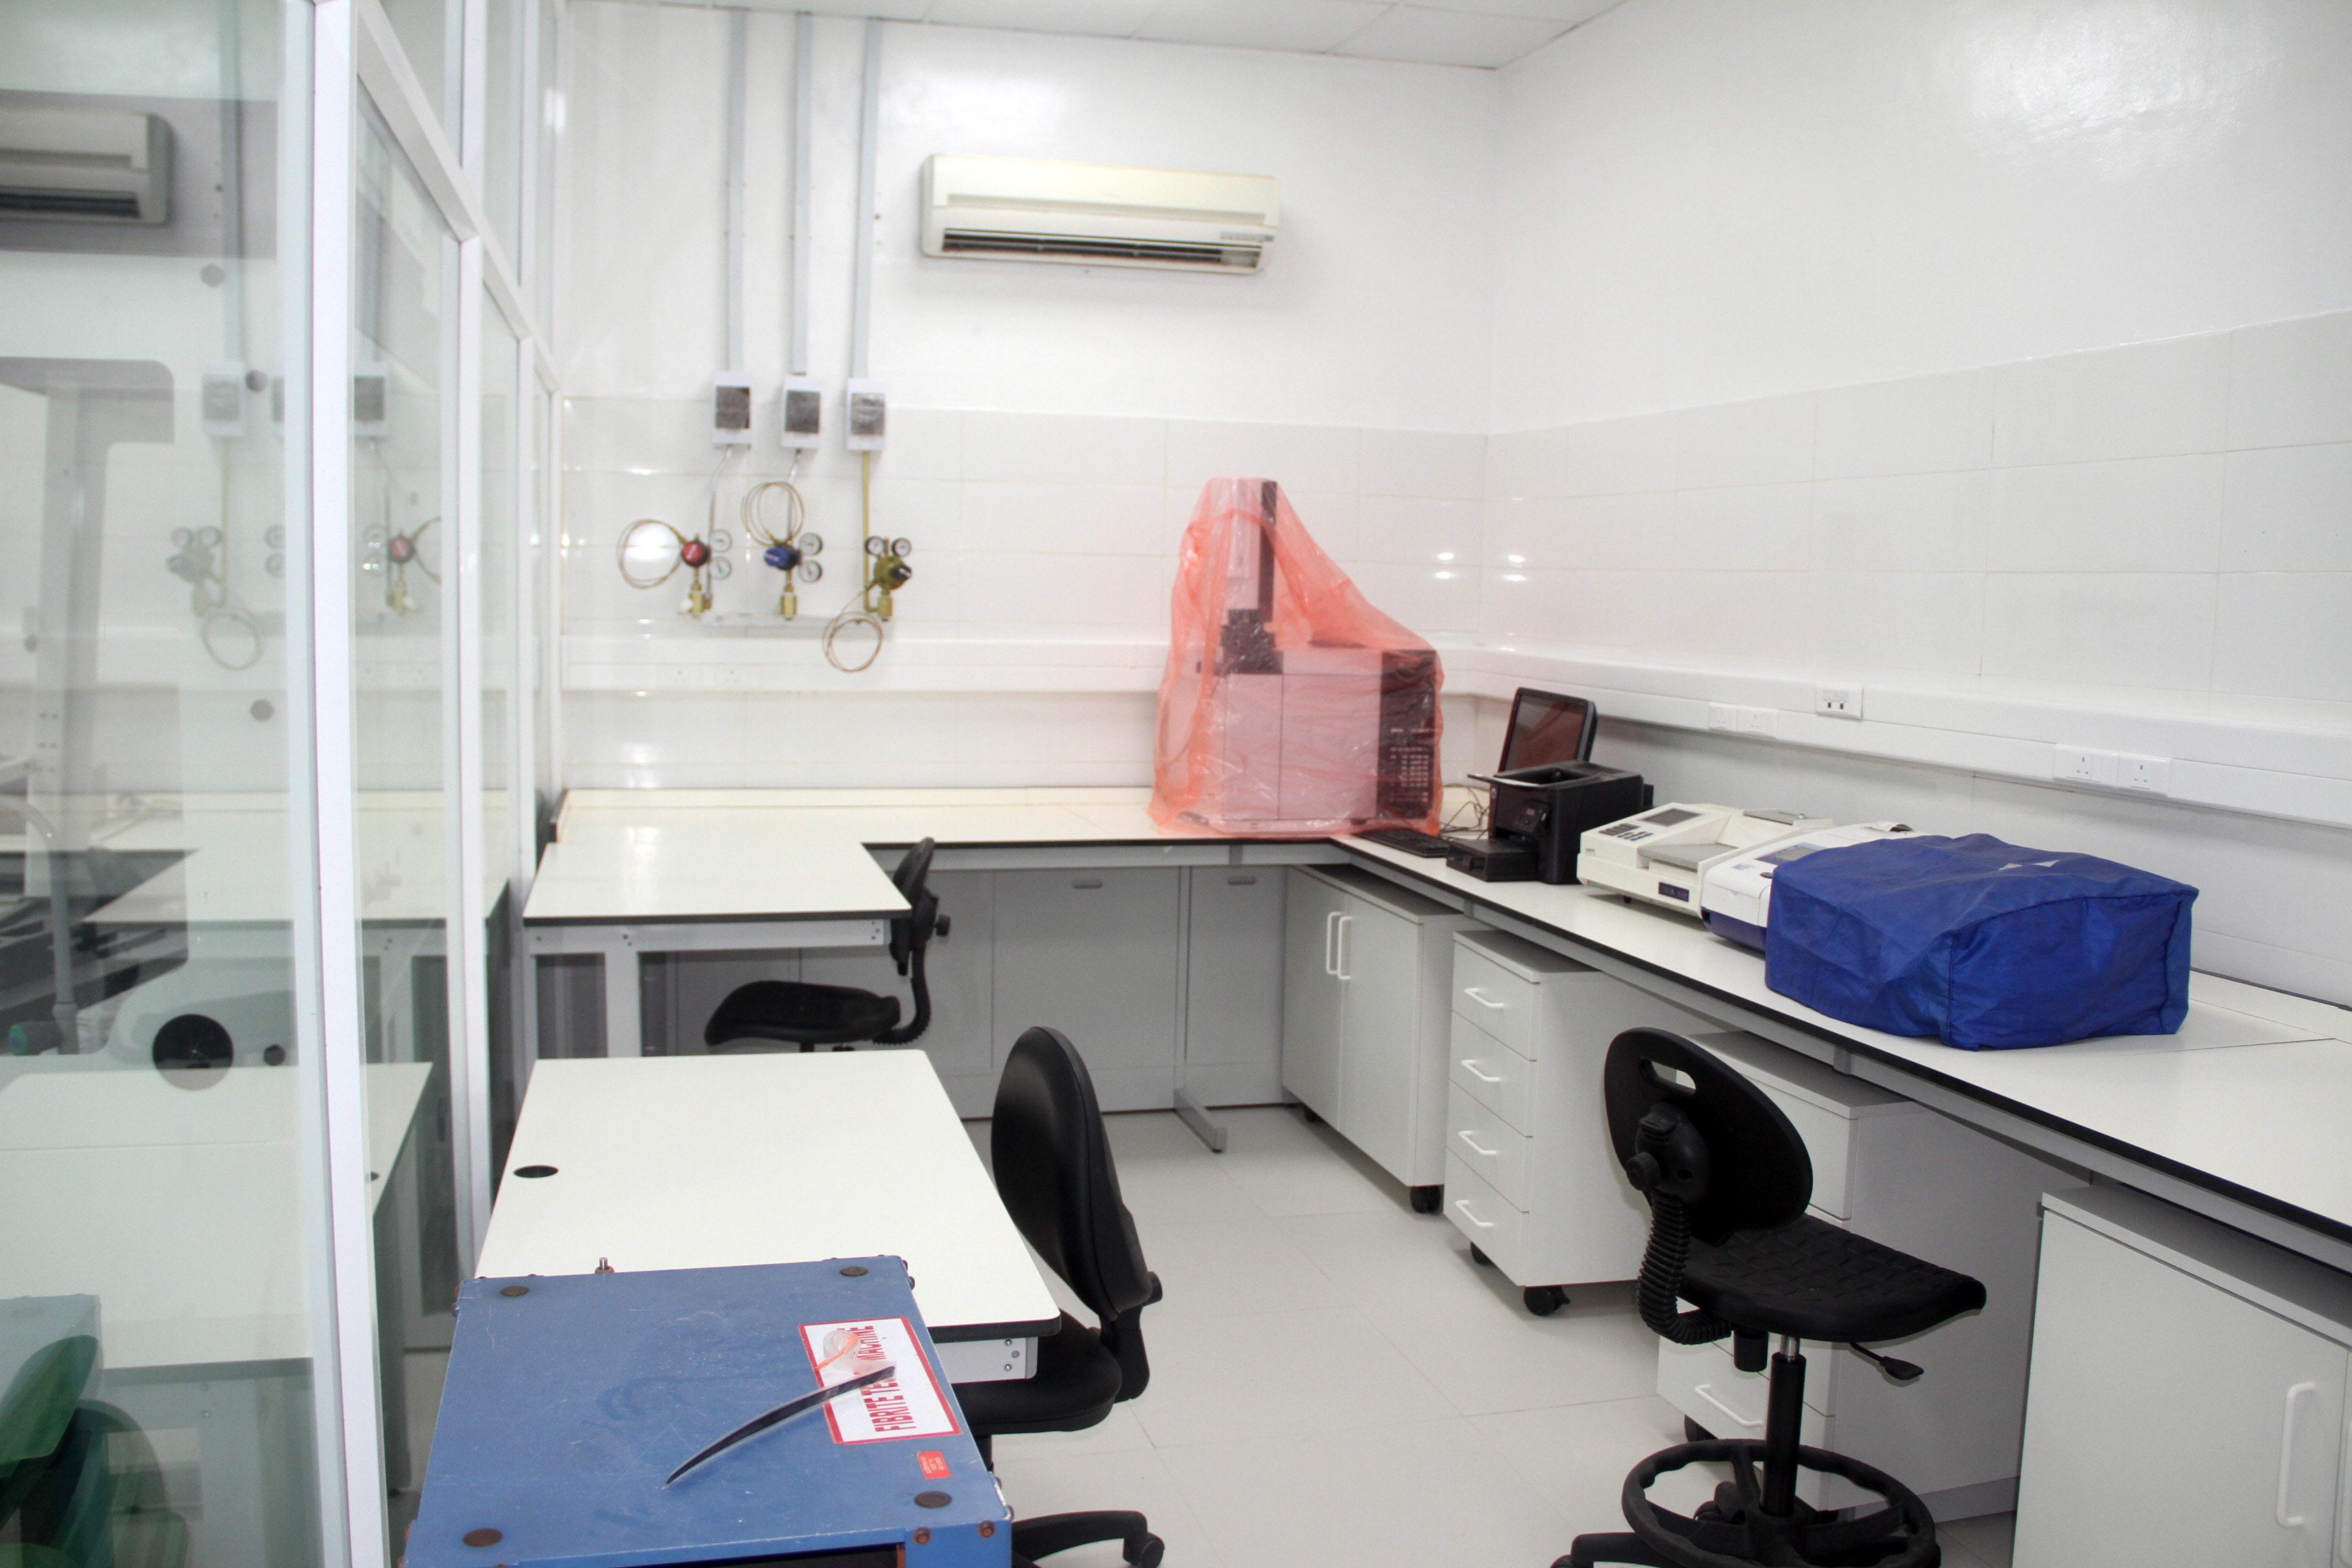 Instrumentation Room